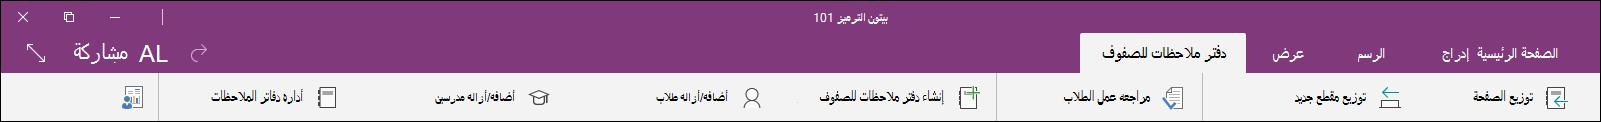 قائمه علامه تبويب دفتر الملاحظات ل# الصفوف